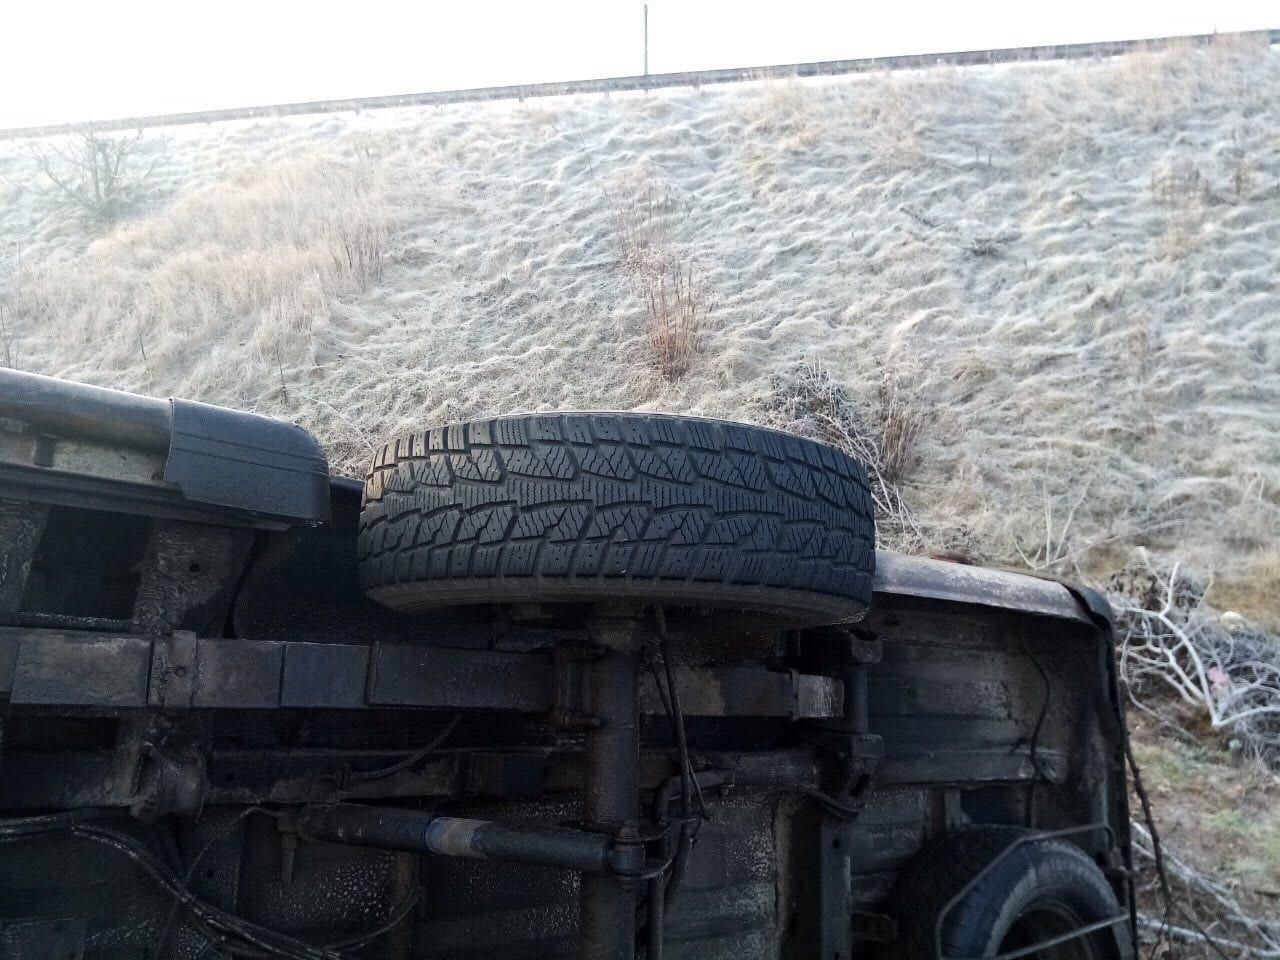 ДТП з постраждалими на автодорозі Київ-Чернігів -  - yzobrazhenye viber 2020 01 15 10 35 23